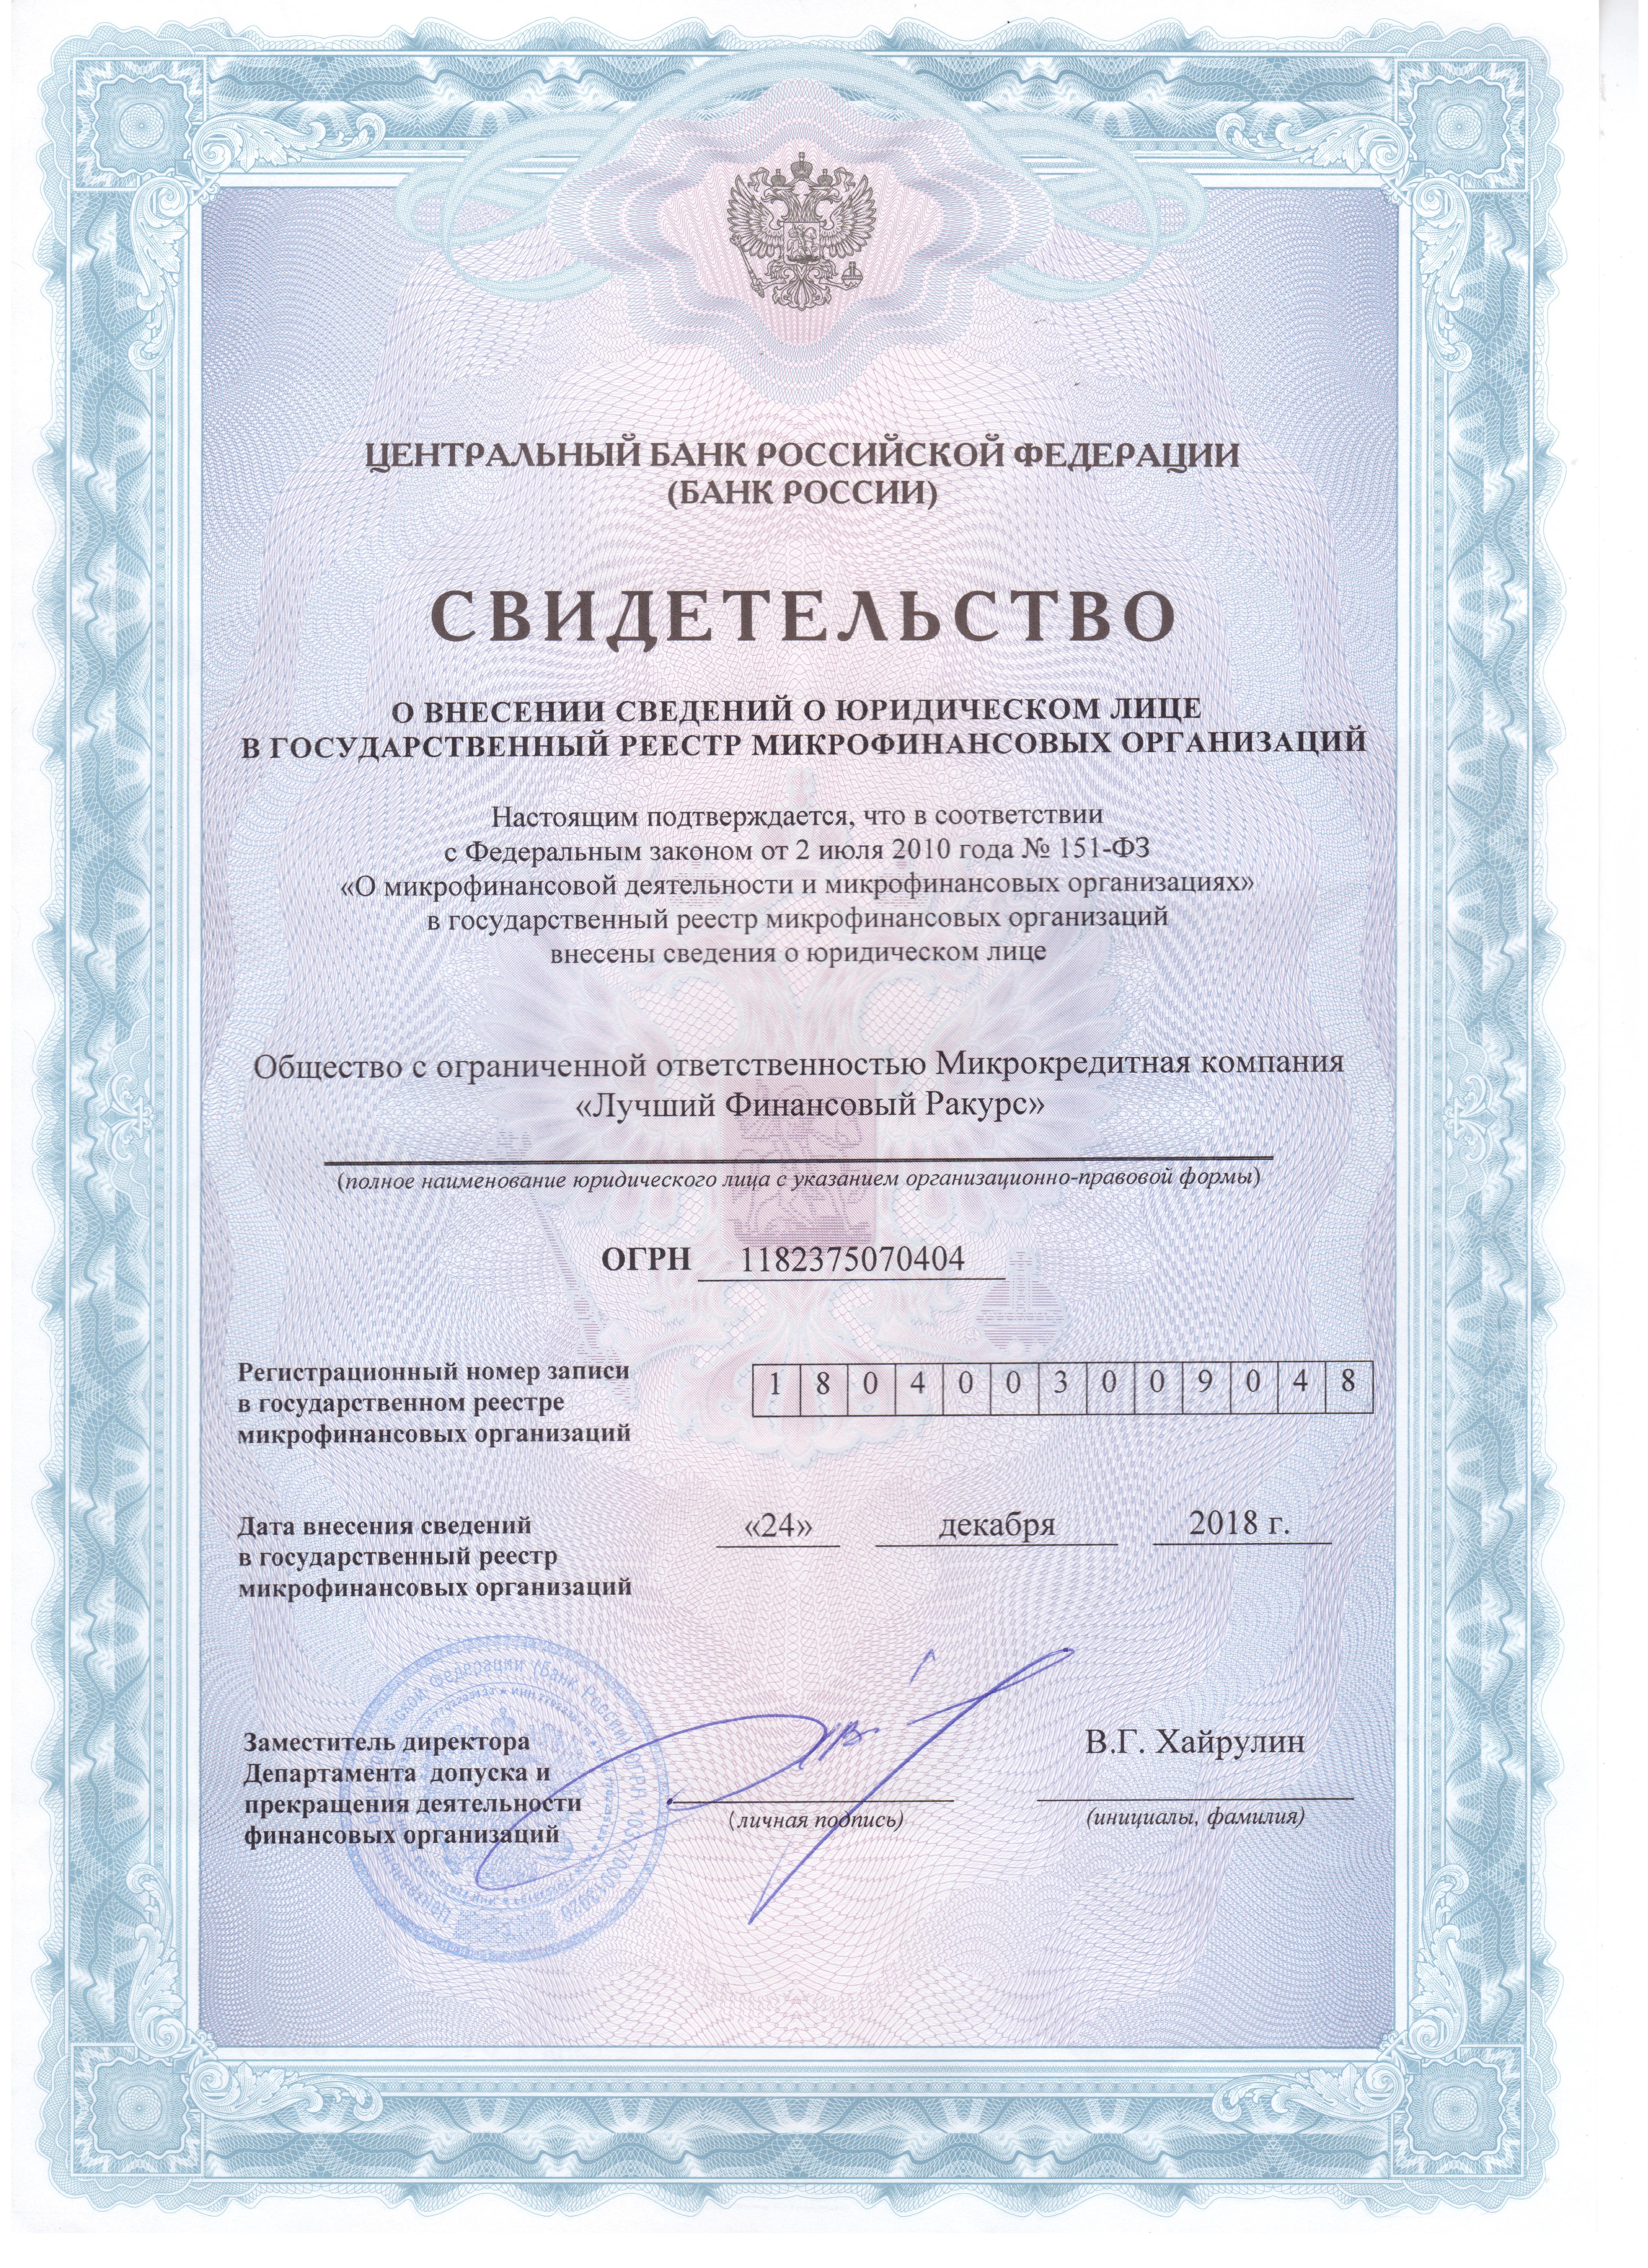 СВИДЕТЕЛЬСВО ООО МКК ЛФР